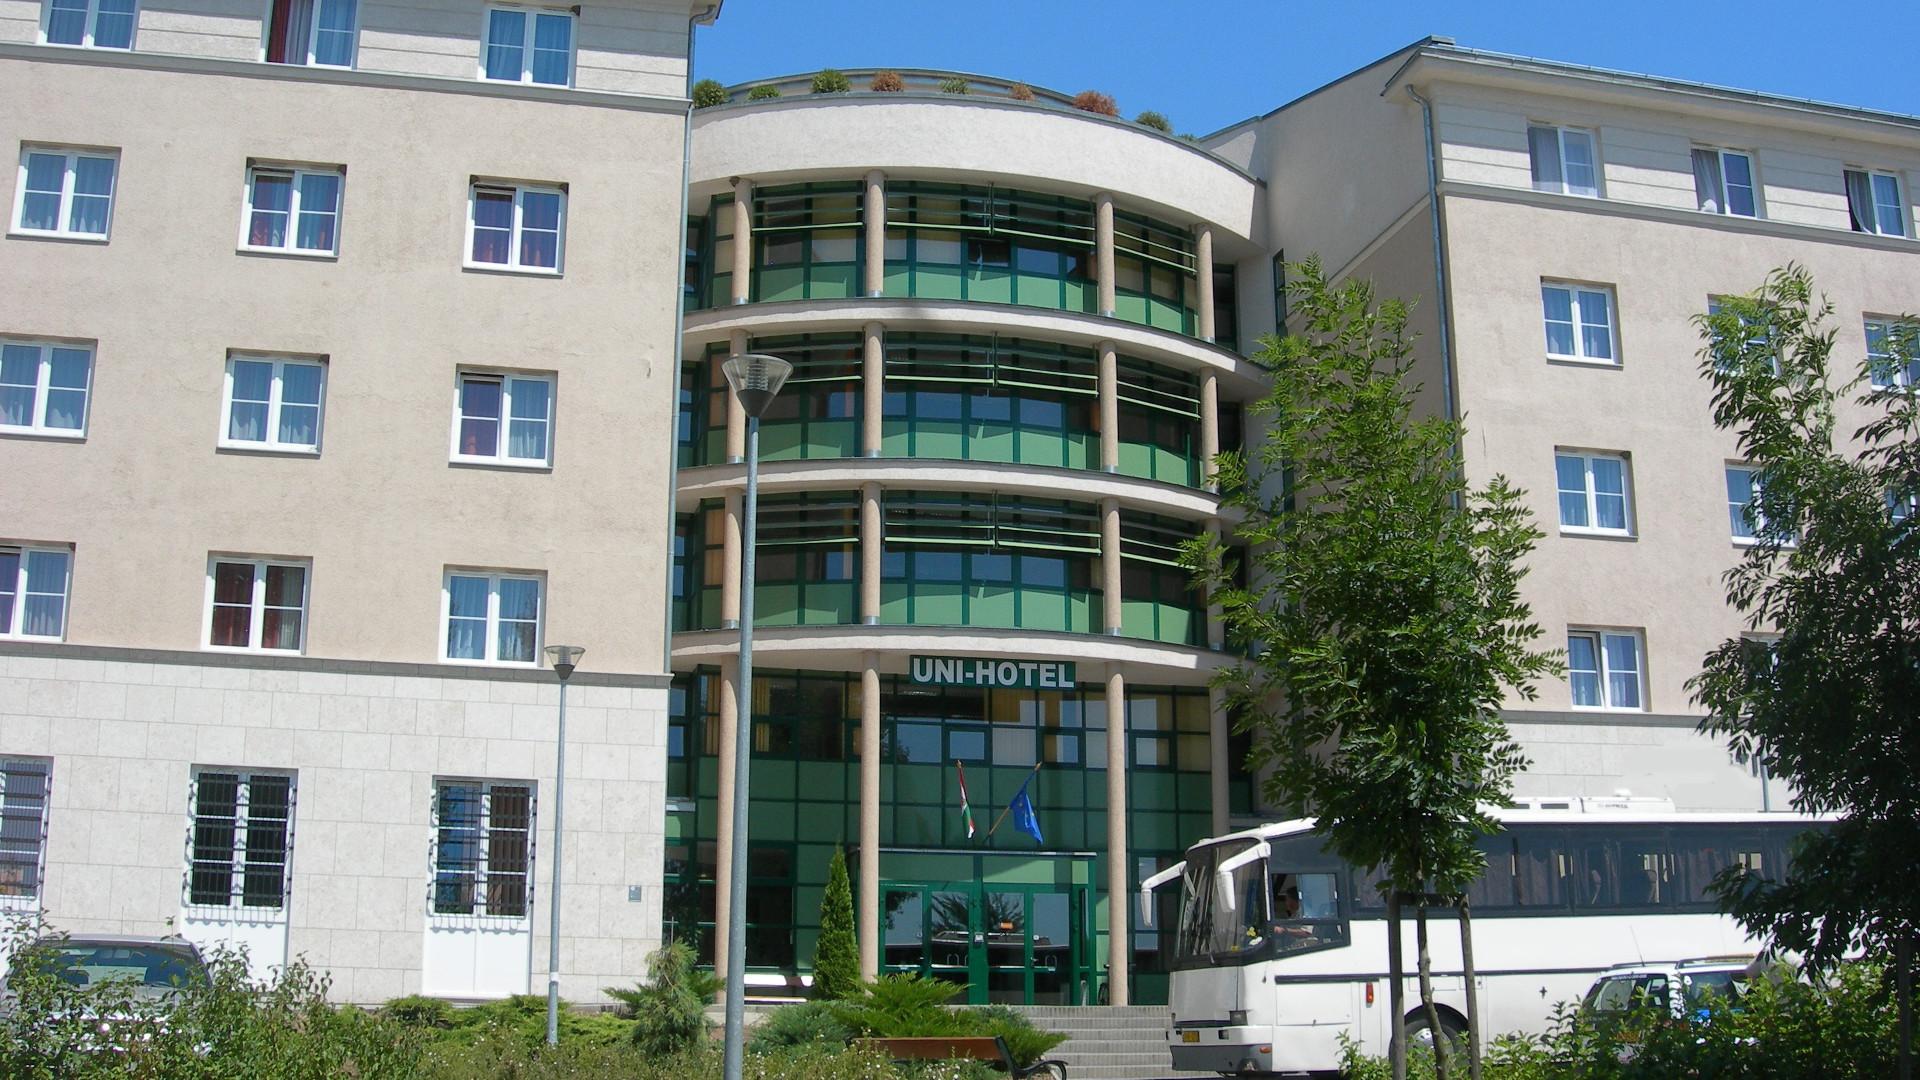 Uni-Hotel, Miskolc Egyetemváros